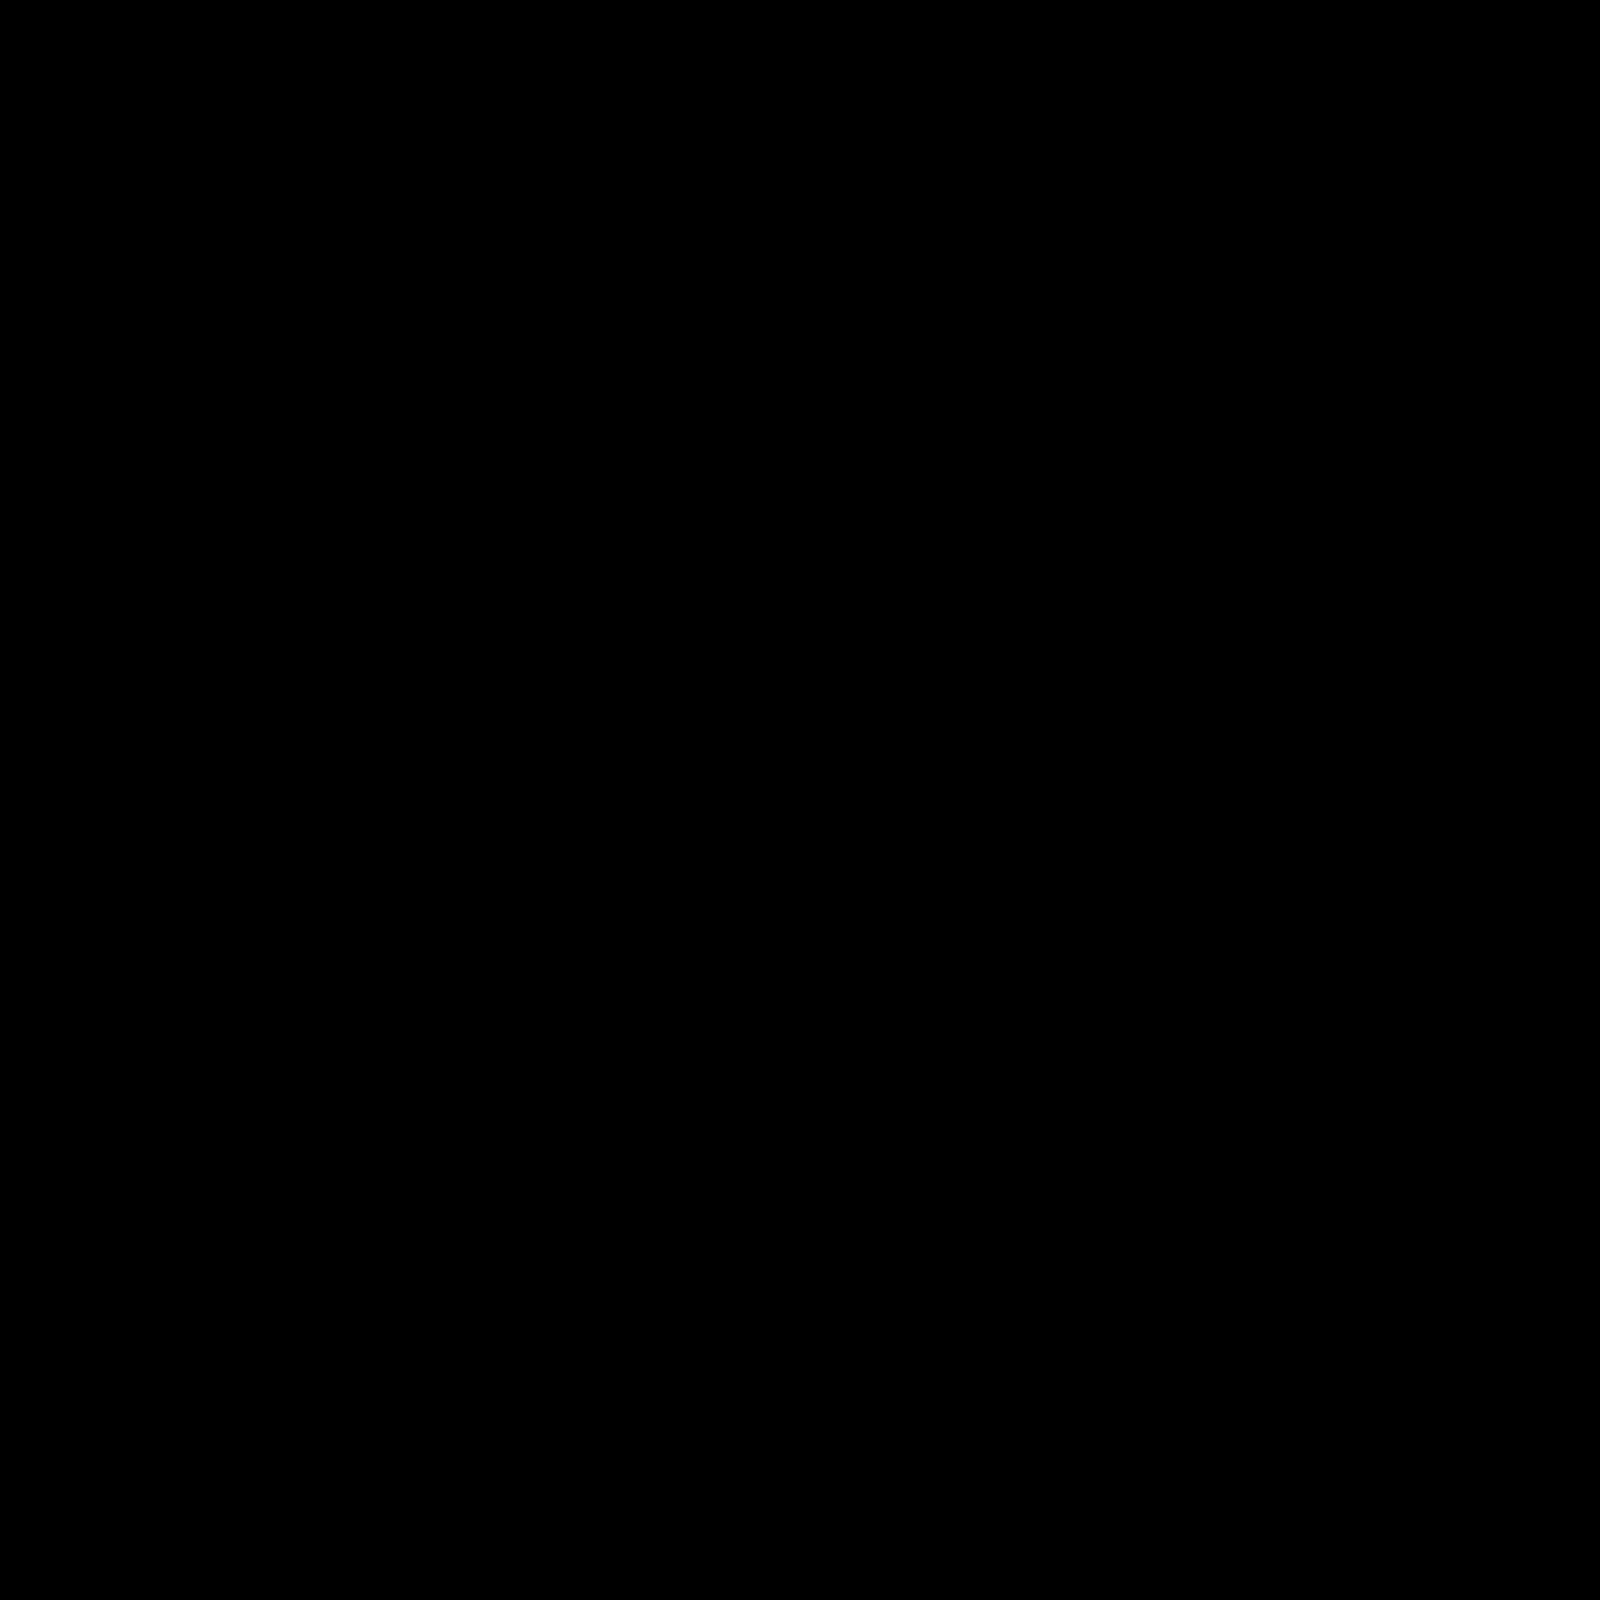 Laufen icon